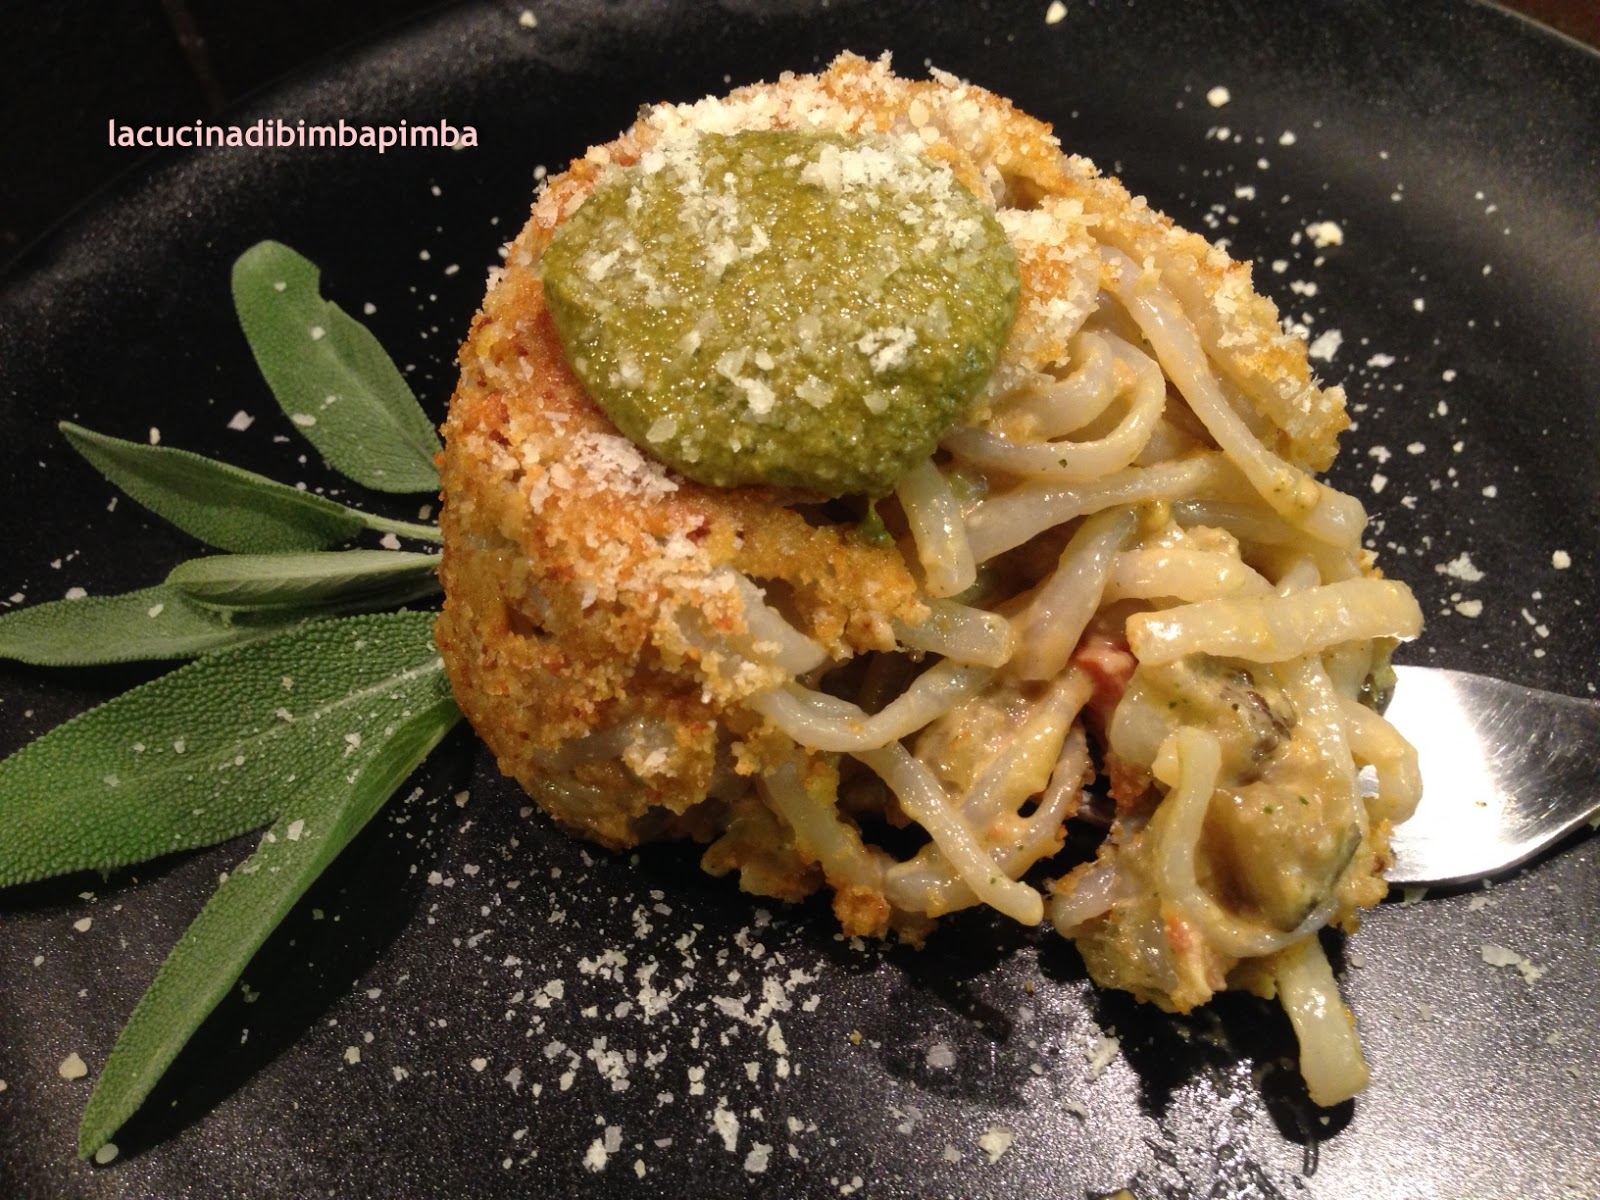 La cucina di bimba pimba timballino shirataki alla salvia for Cucinare konjac